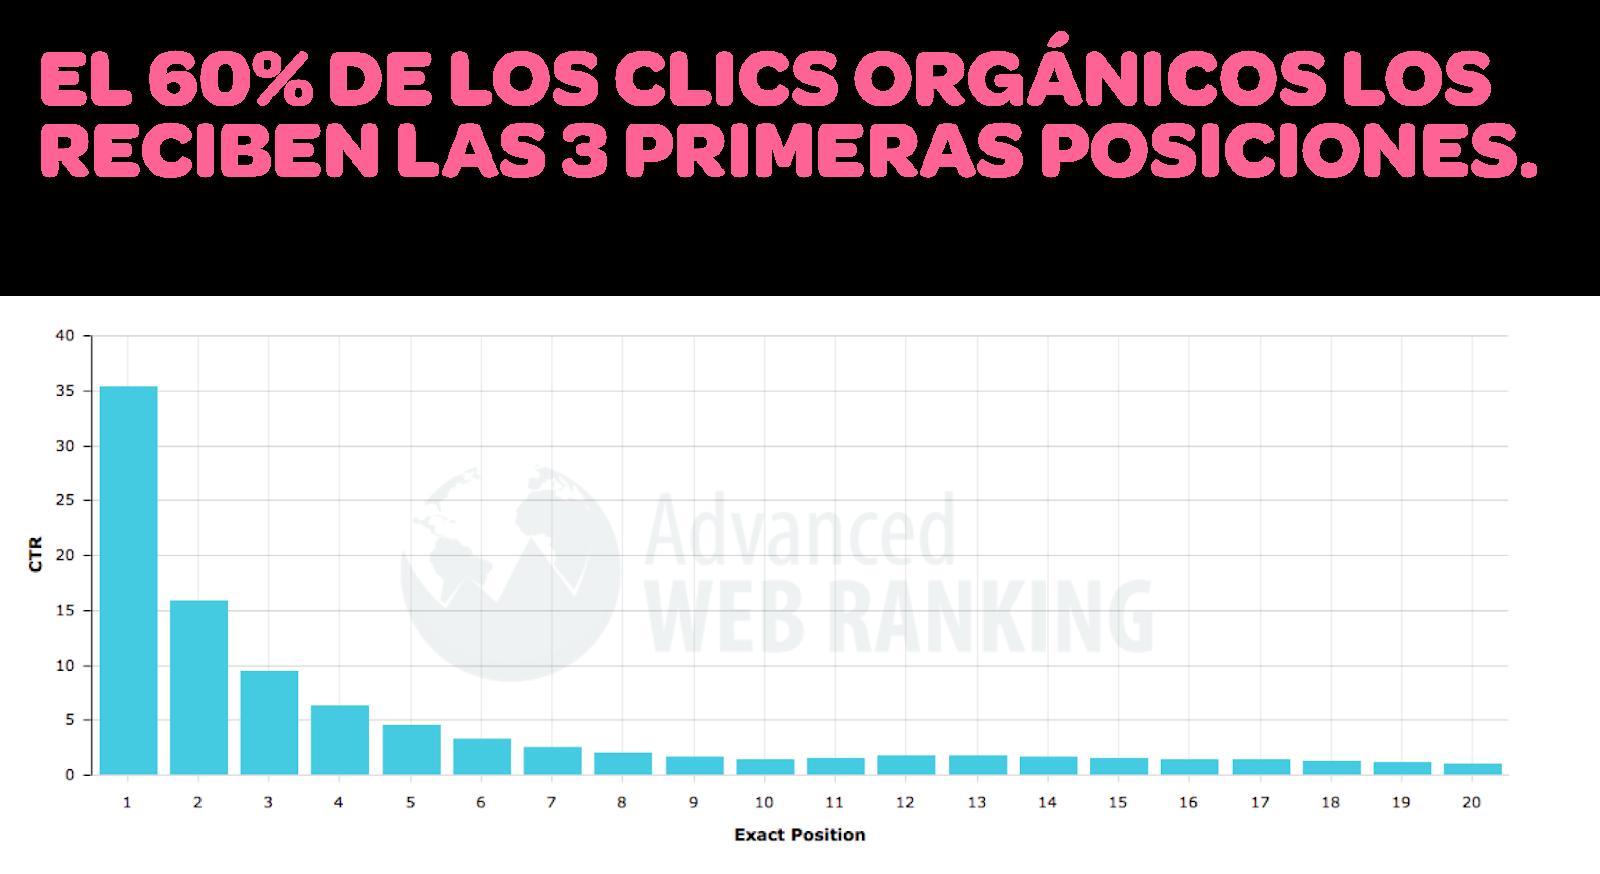 Tácticas, herramientas y plataformas digitales disponibles para tu presencia digital: el 60% de los clics orgánicos los reciben las 3 primeras posiciones en los motores de búsqueda.